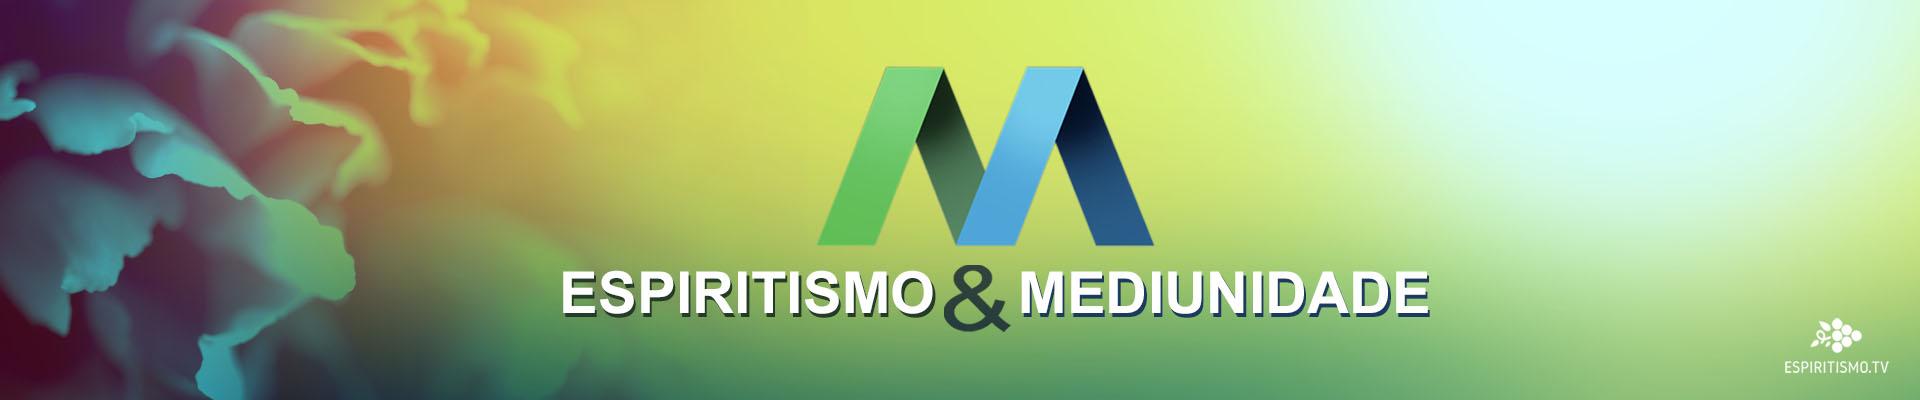 ESPIRITISMO E MEDIUNIDADE 1